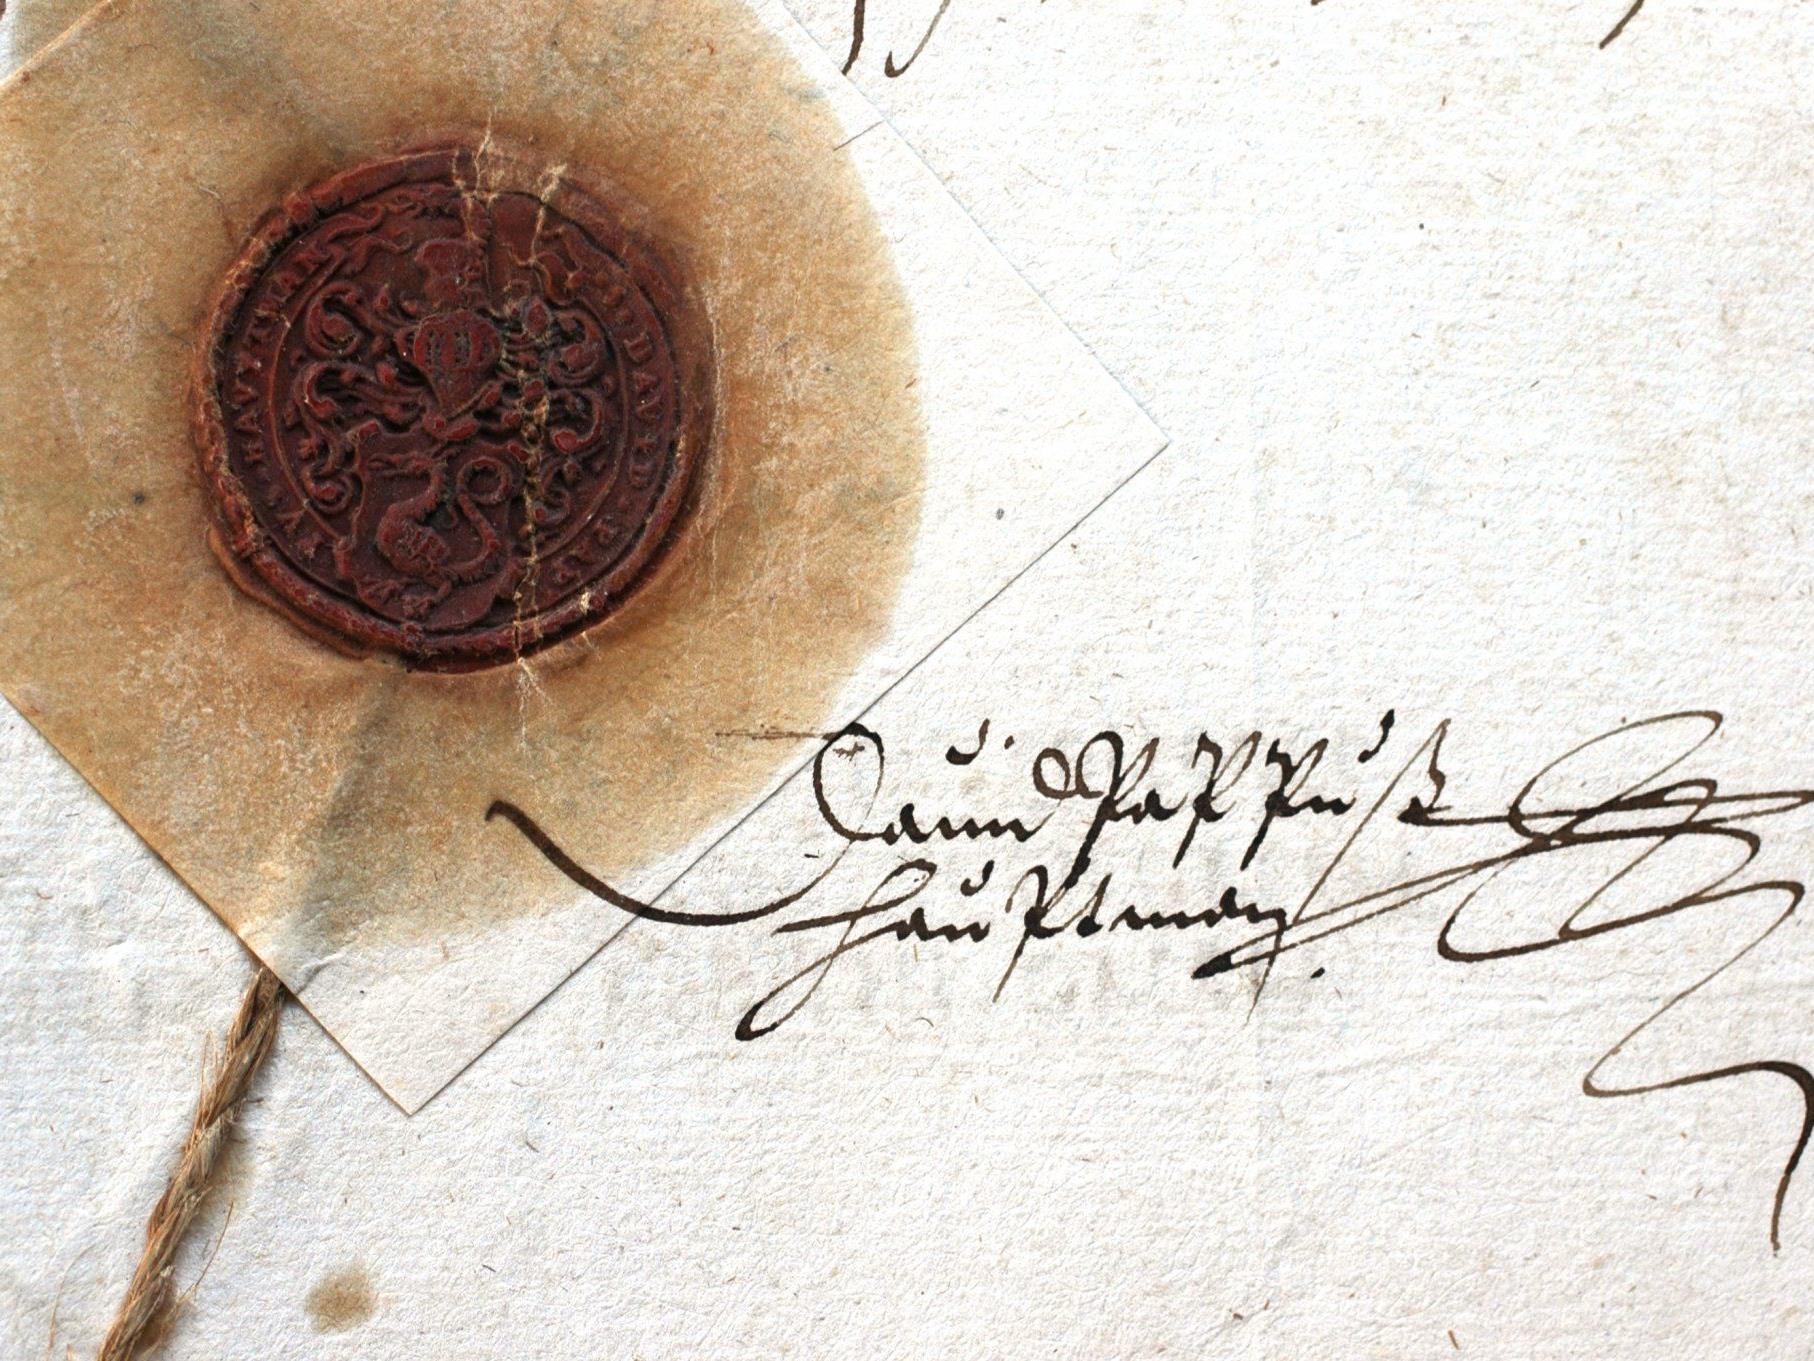 Univ.-Doz. Dr. Manfred Tschaikner referiert über das Urbar Bludenz von Sonnenberg von 1620.